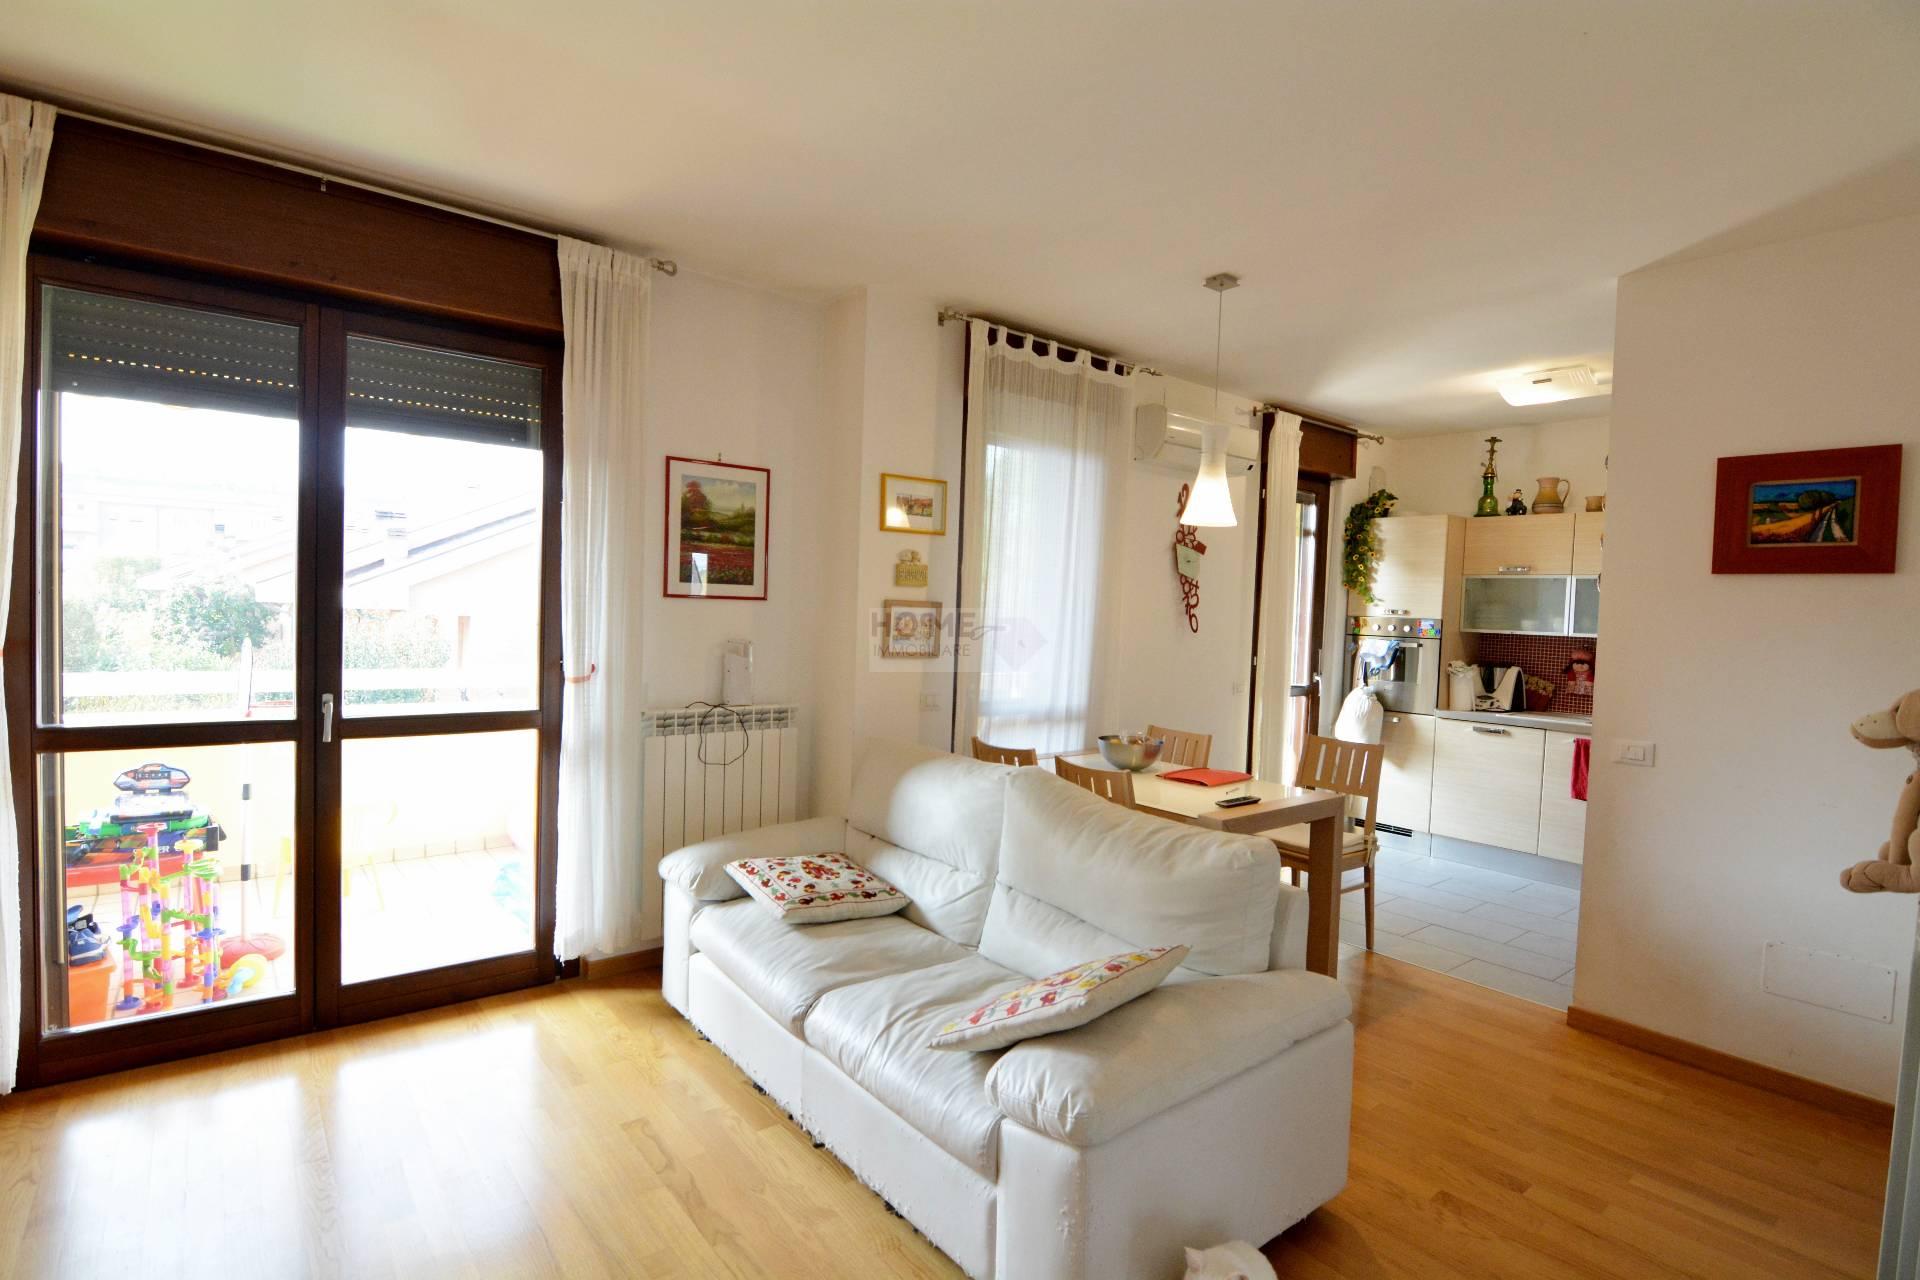 Appartamento in vendita a Macerata, 5 locali, zona Località: VillaPotenza, prezzo € 150.000 | Cambio Casa.it